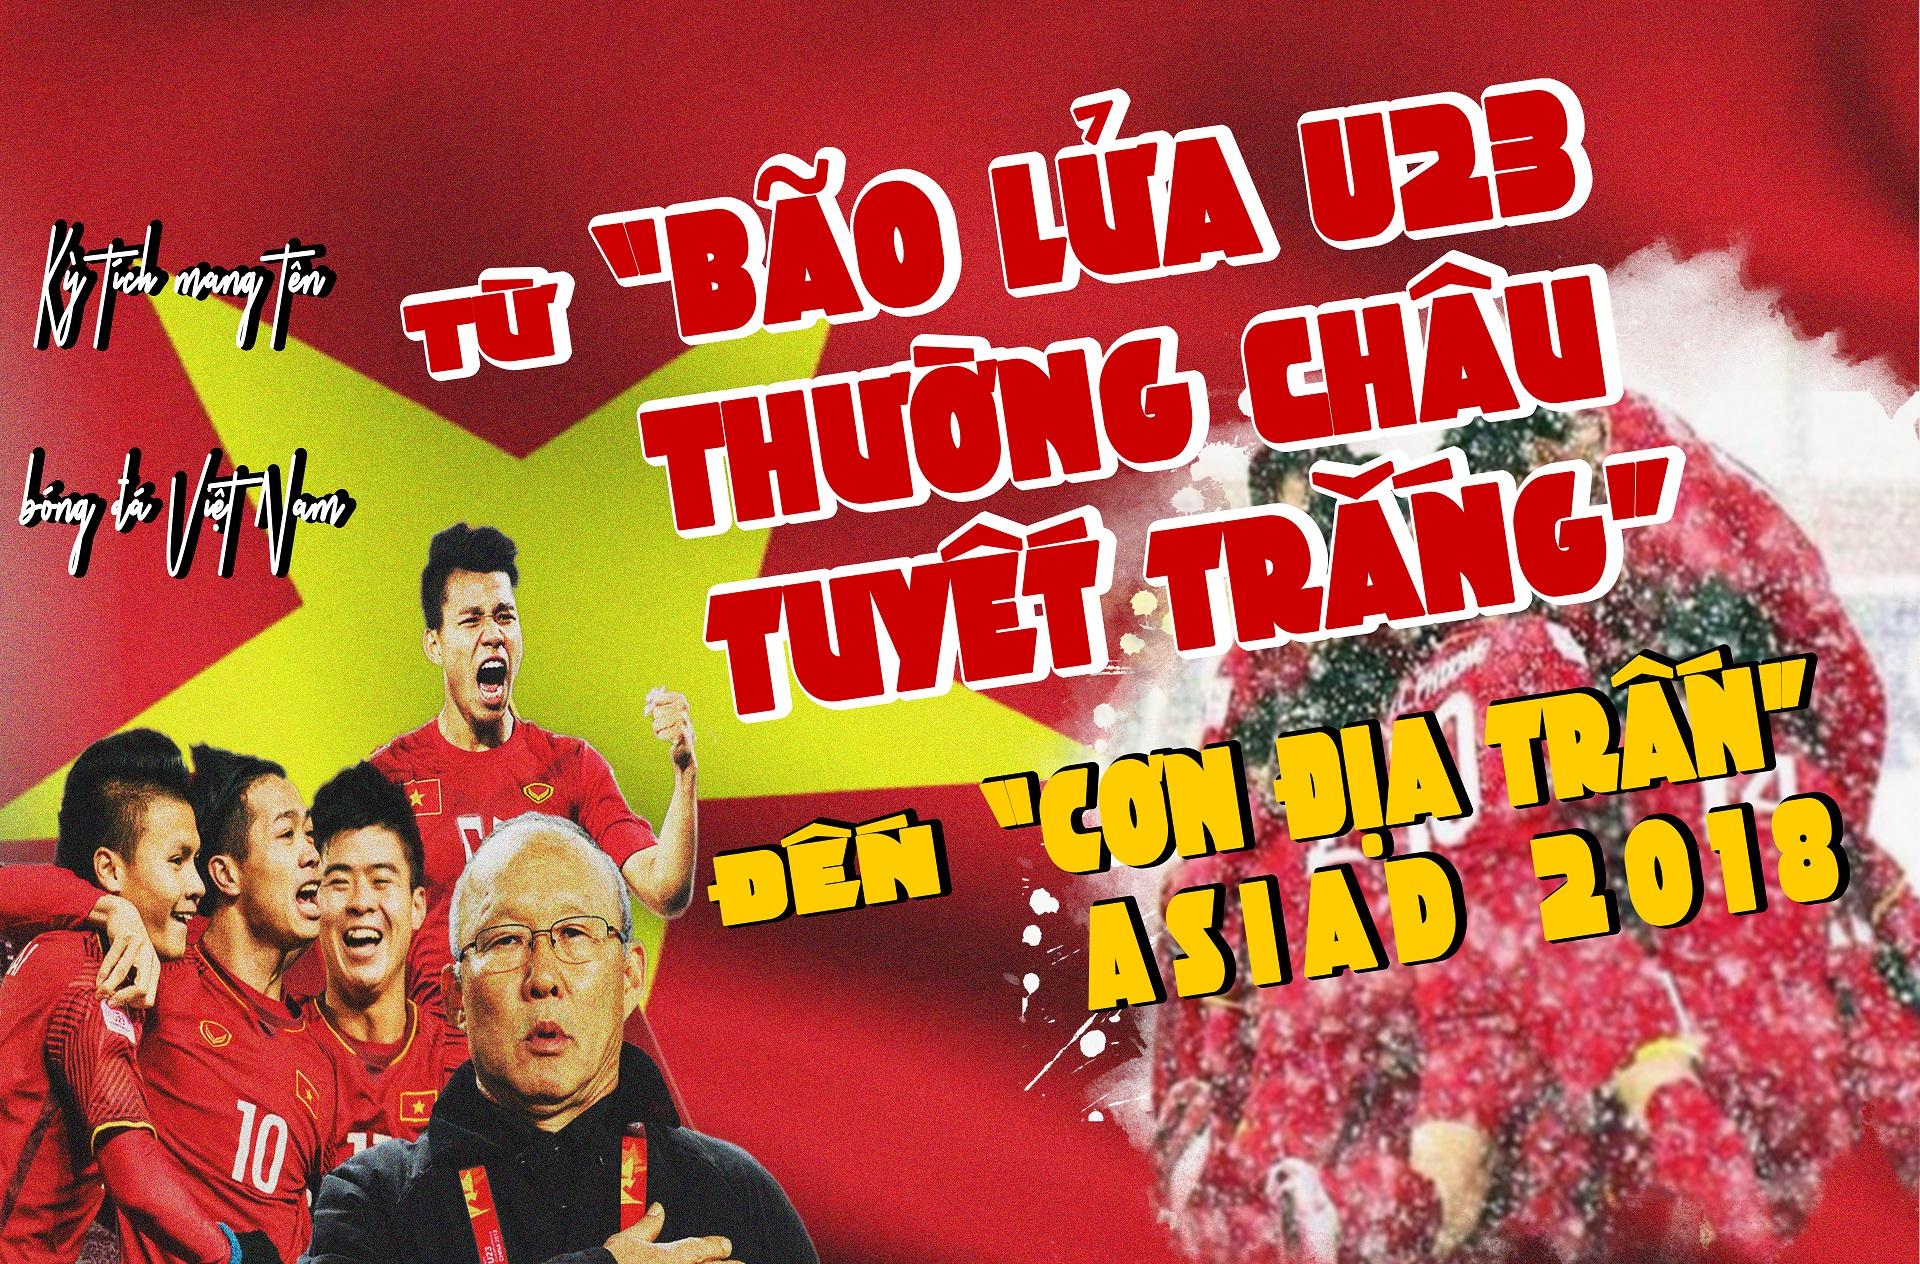 """Kỳ tích mang tên bóng đá Việt Nam: Từ """"Bão lửa U23 - Thường Châu tuyết trắng"""" đến """"cơn địa trấn"""" Asiad 2018"""